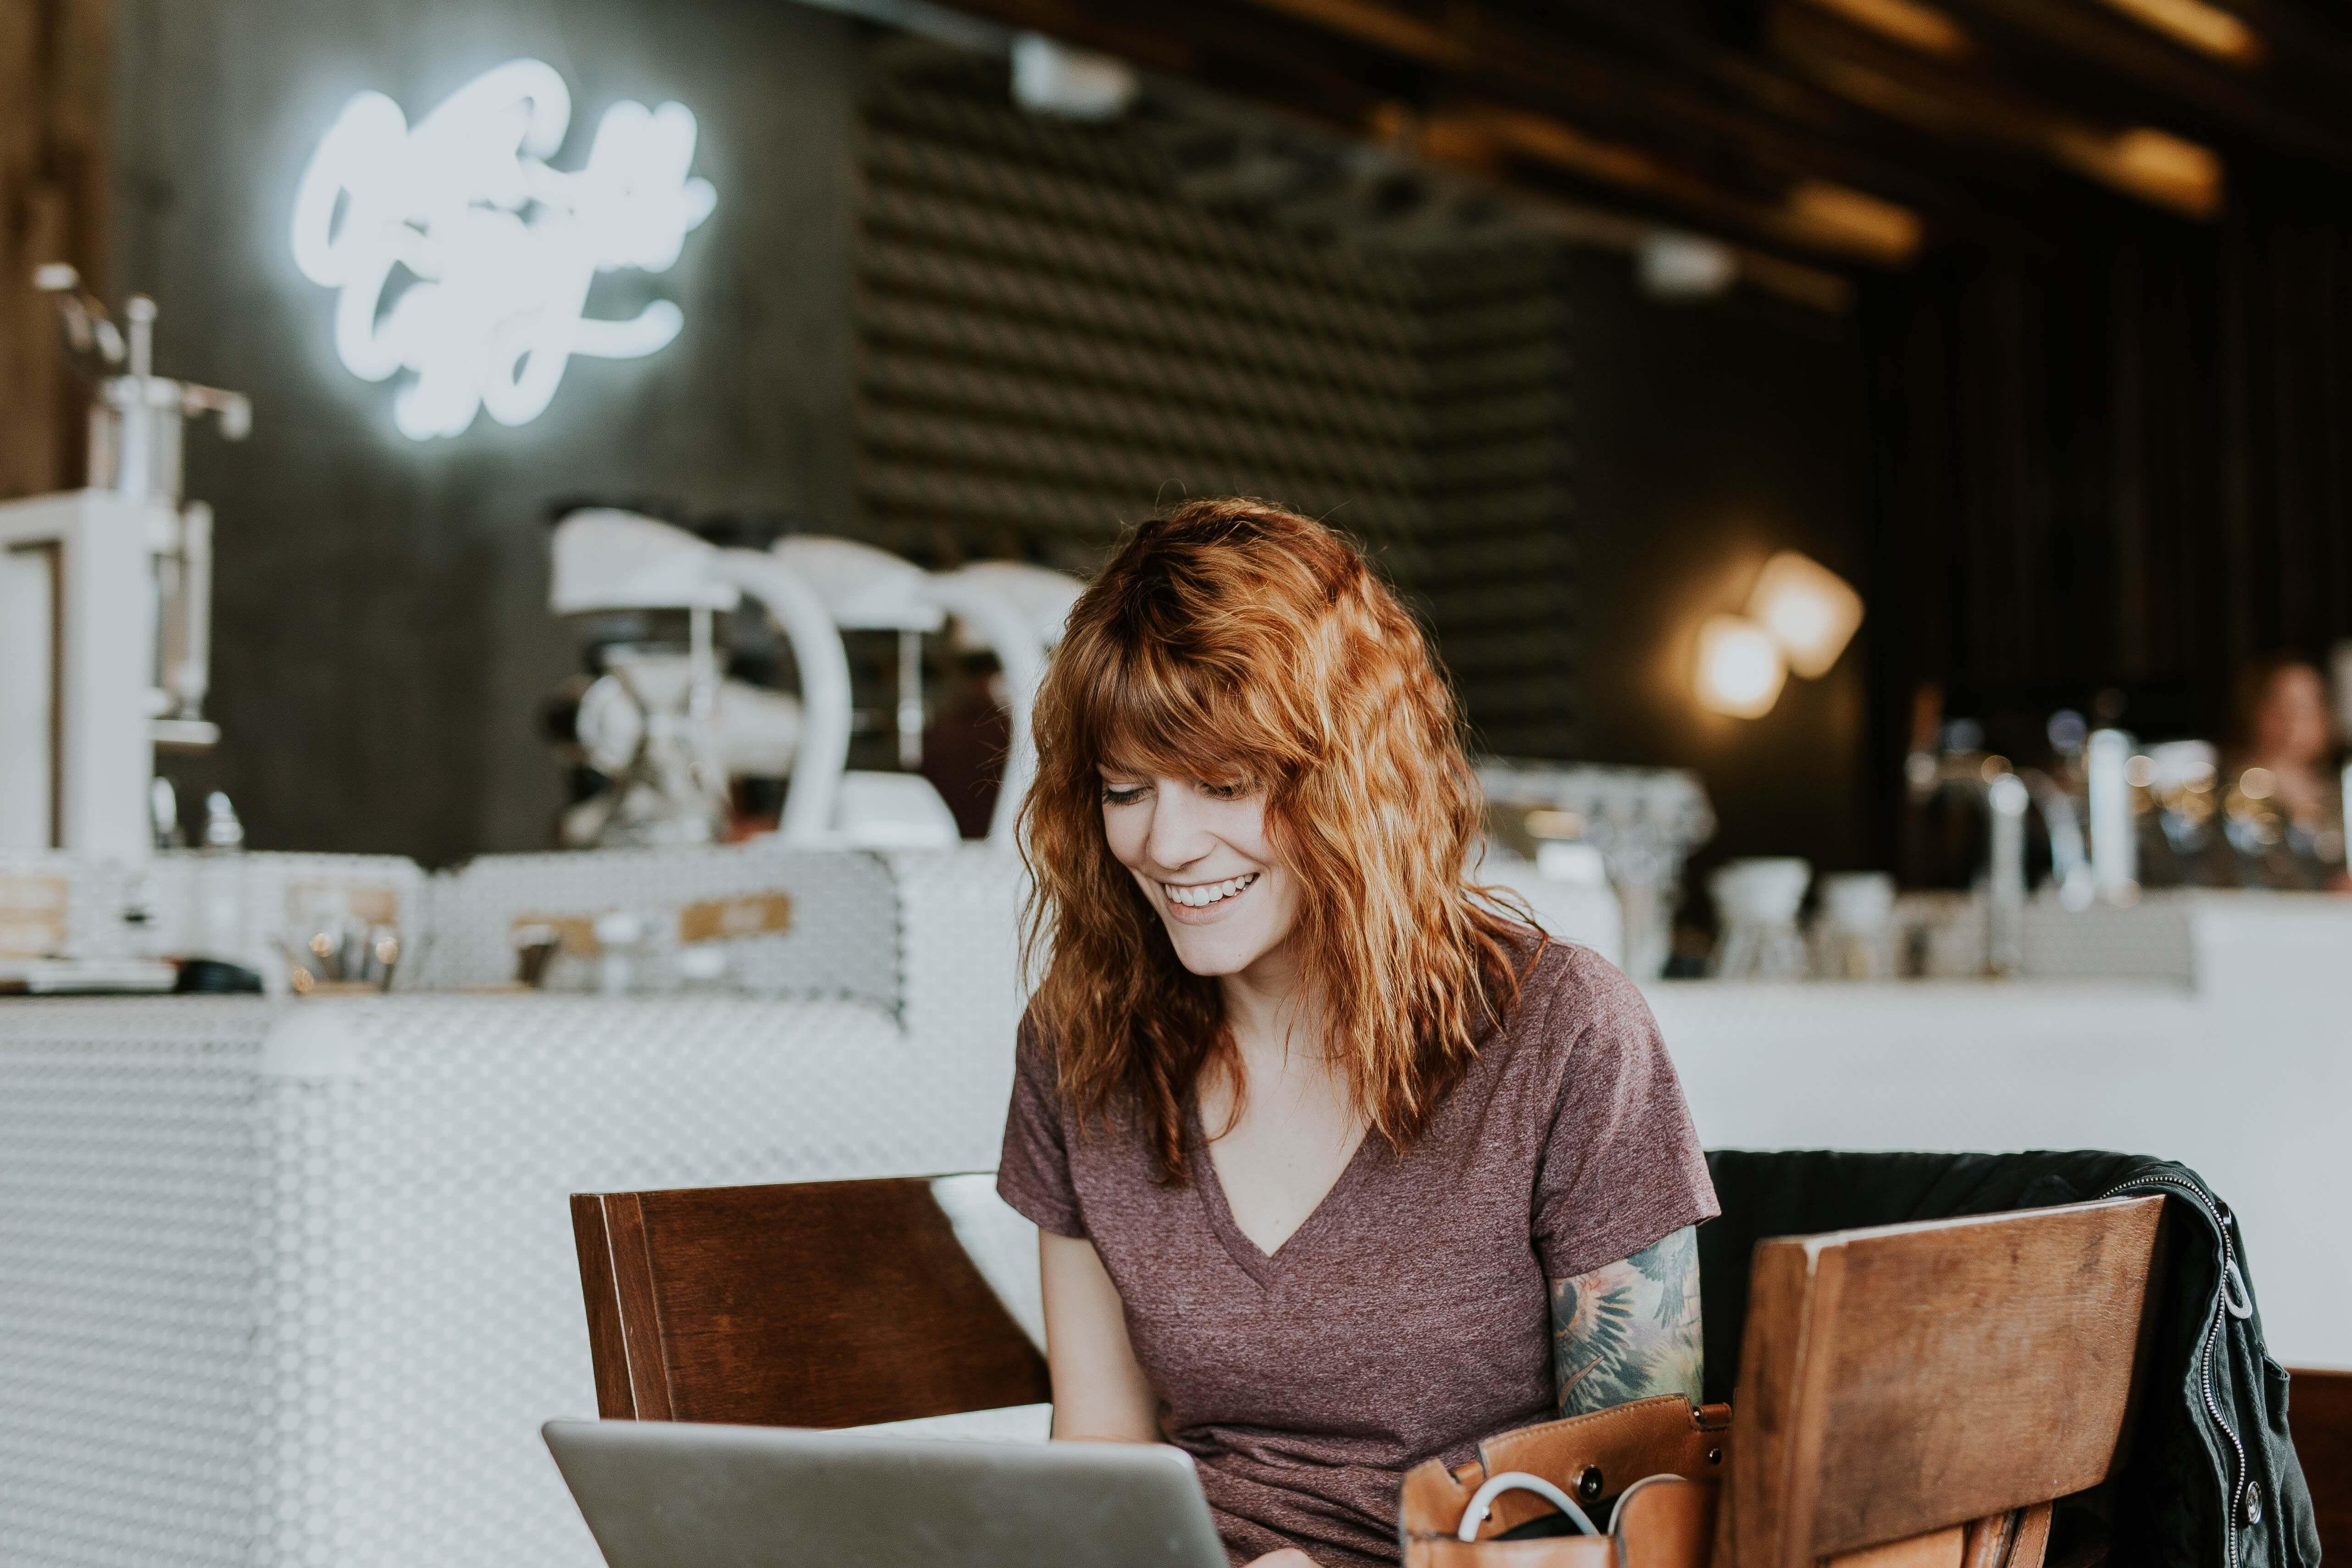 Title i meta description – jak pisać aby odnieść sukces w sieci?